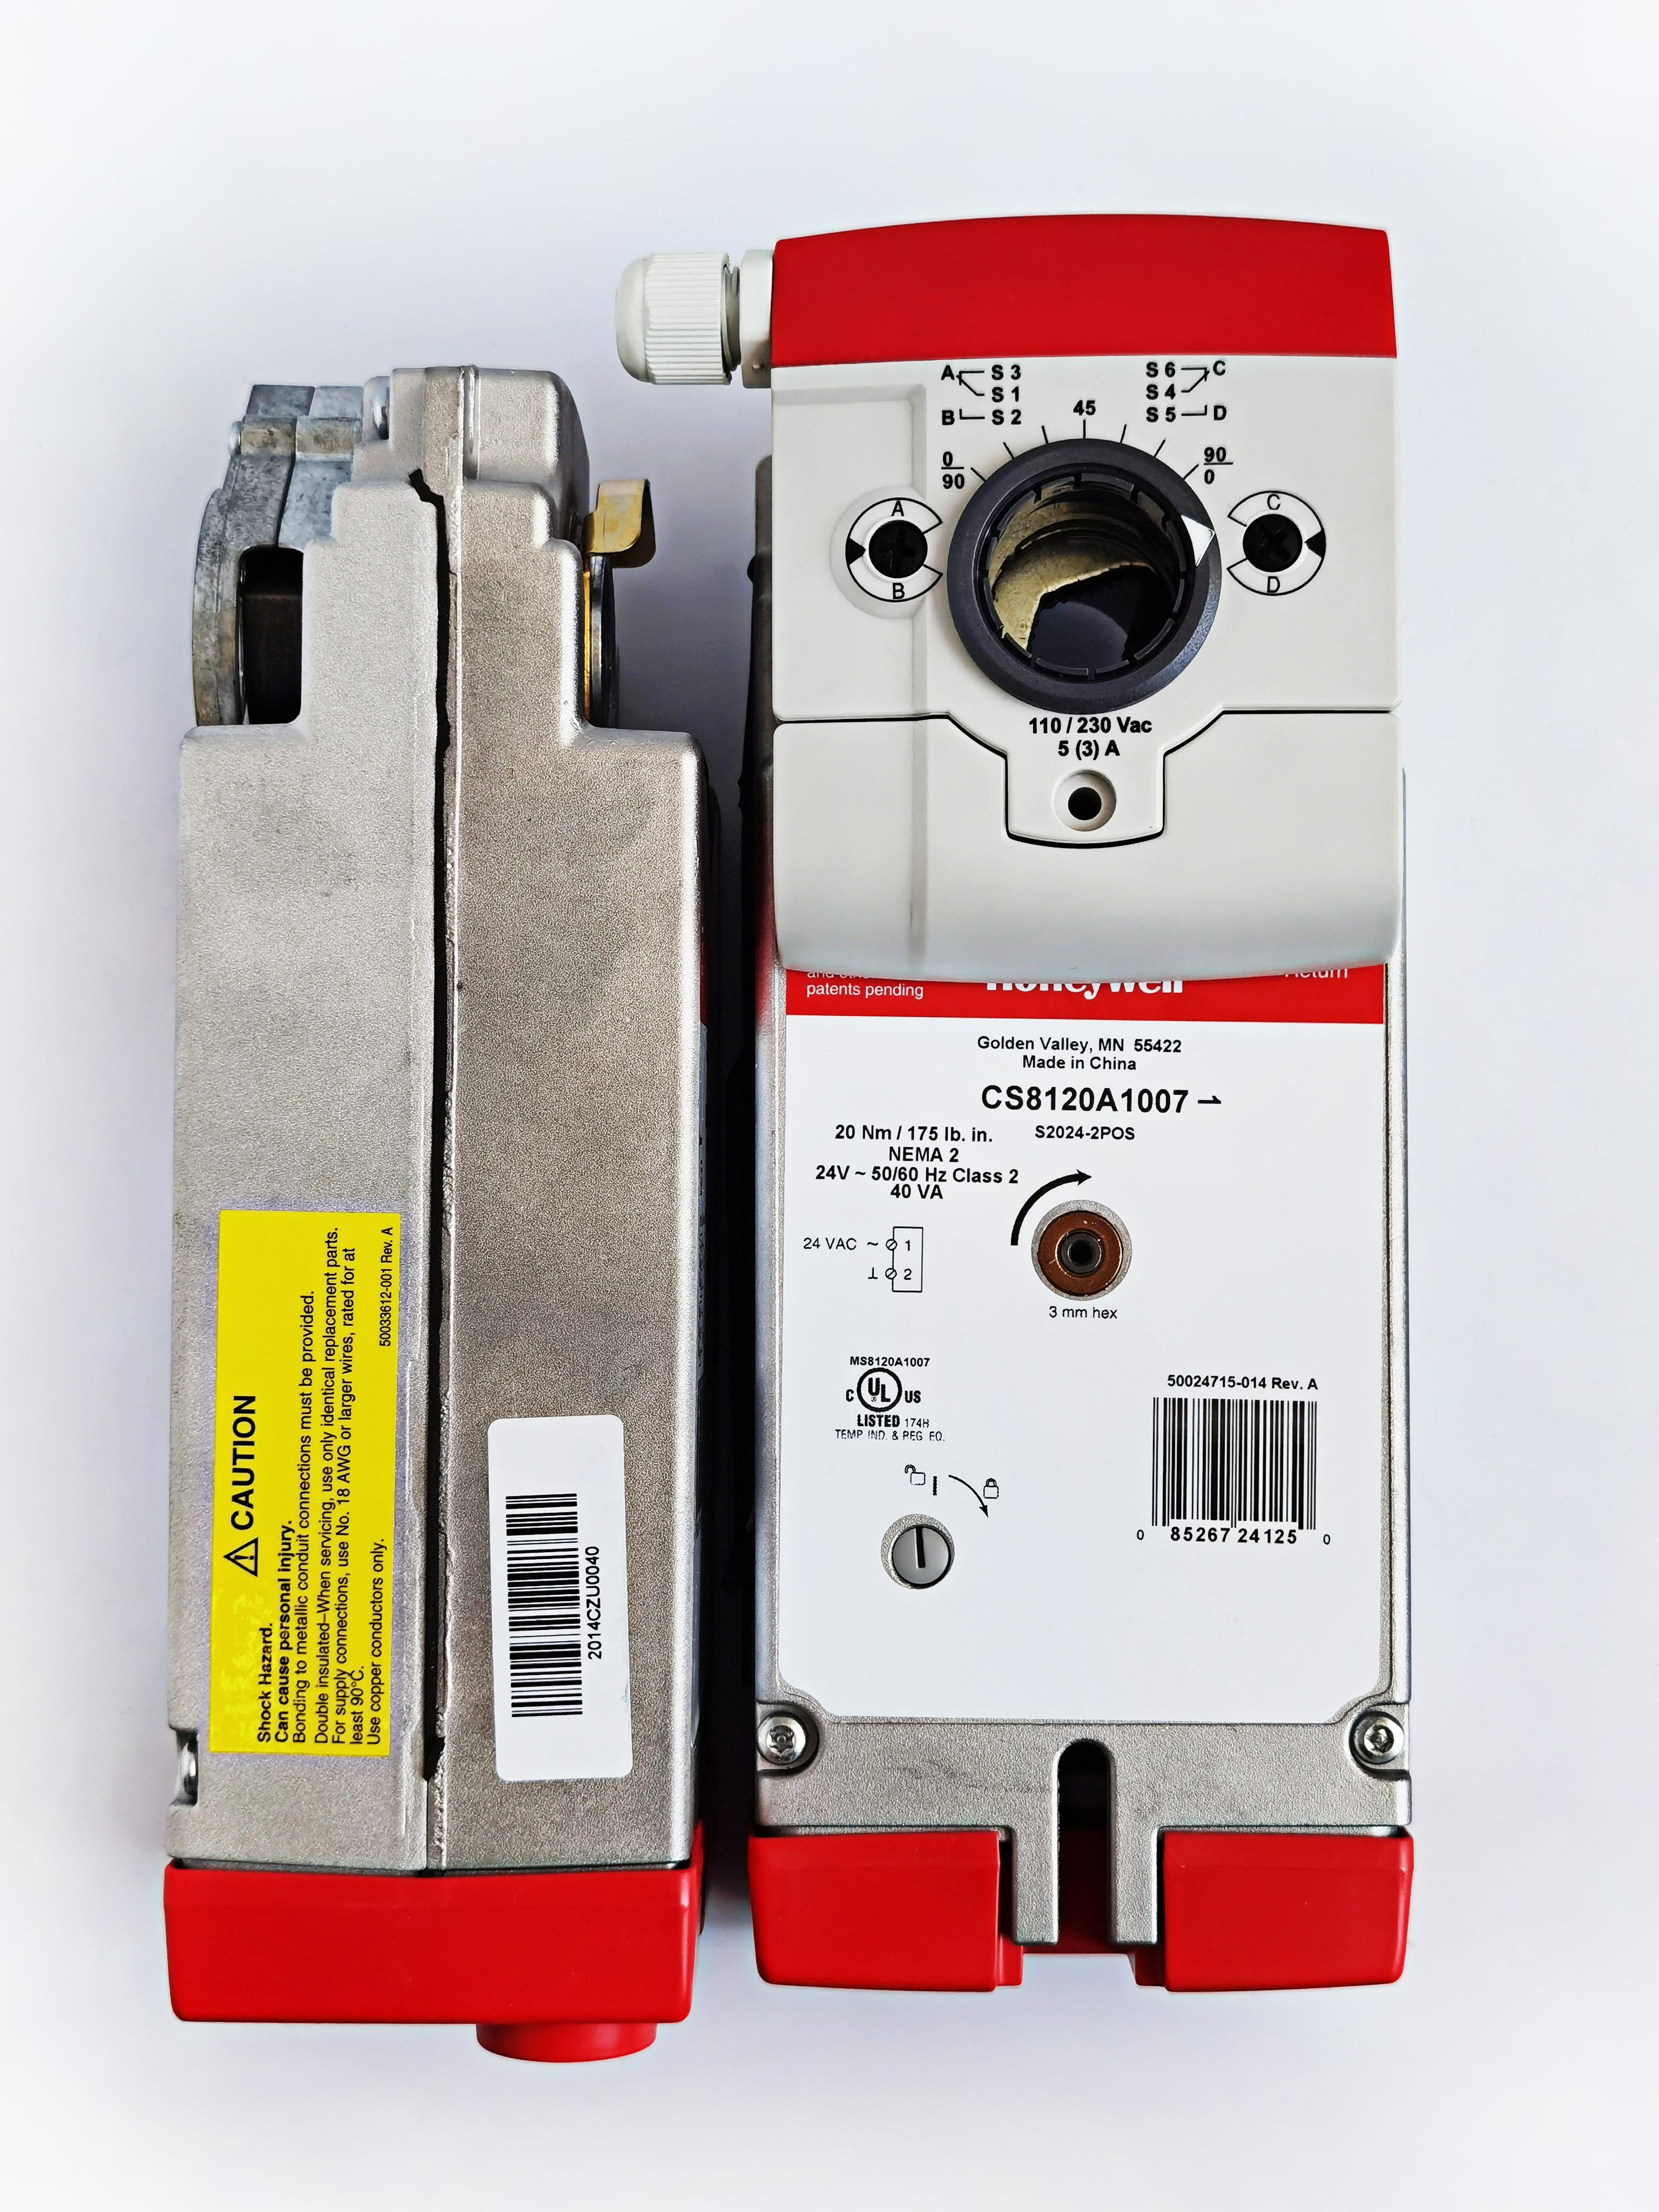 霍尼韦尔开关型弹簧复位风门执行器 CS8120A1007实物图